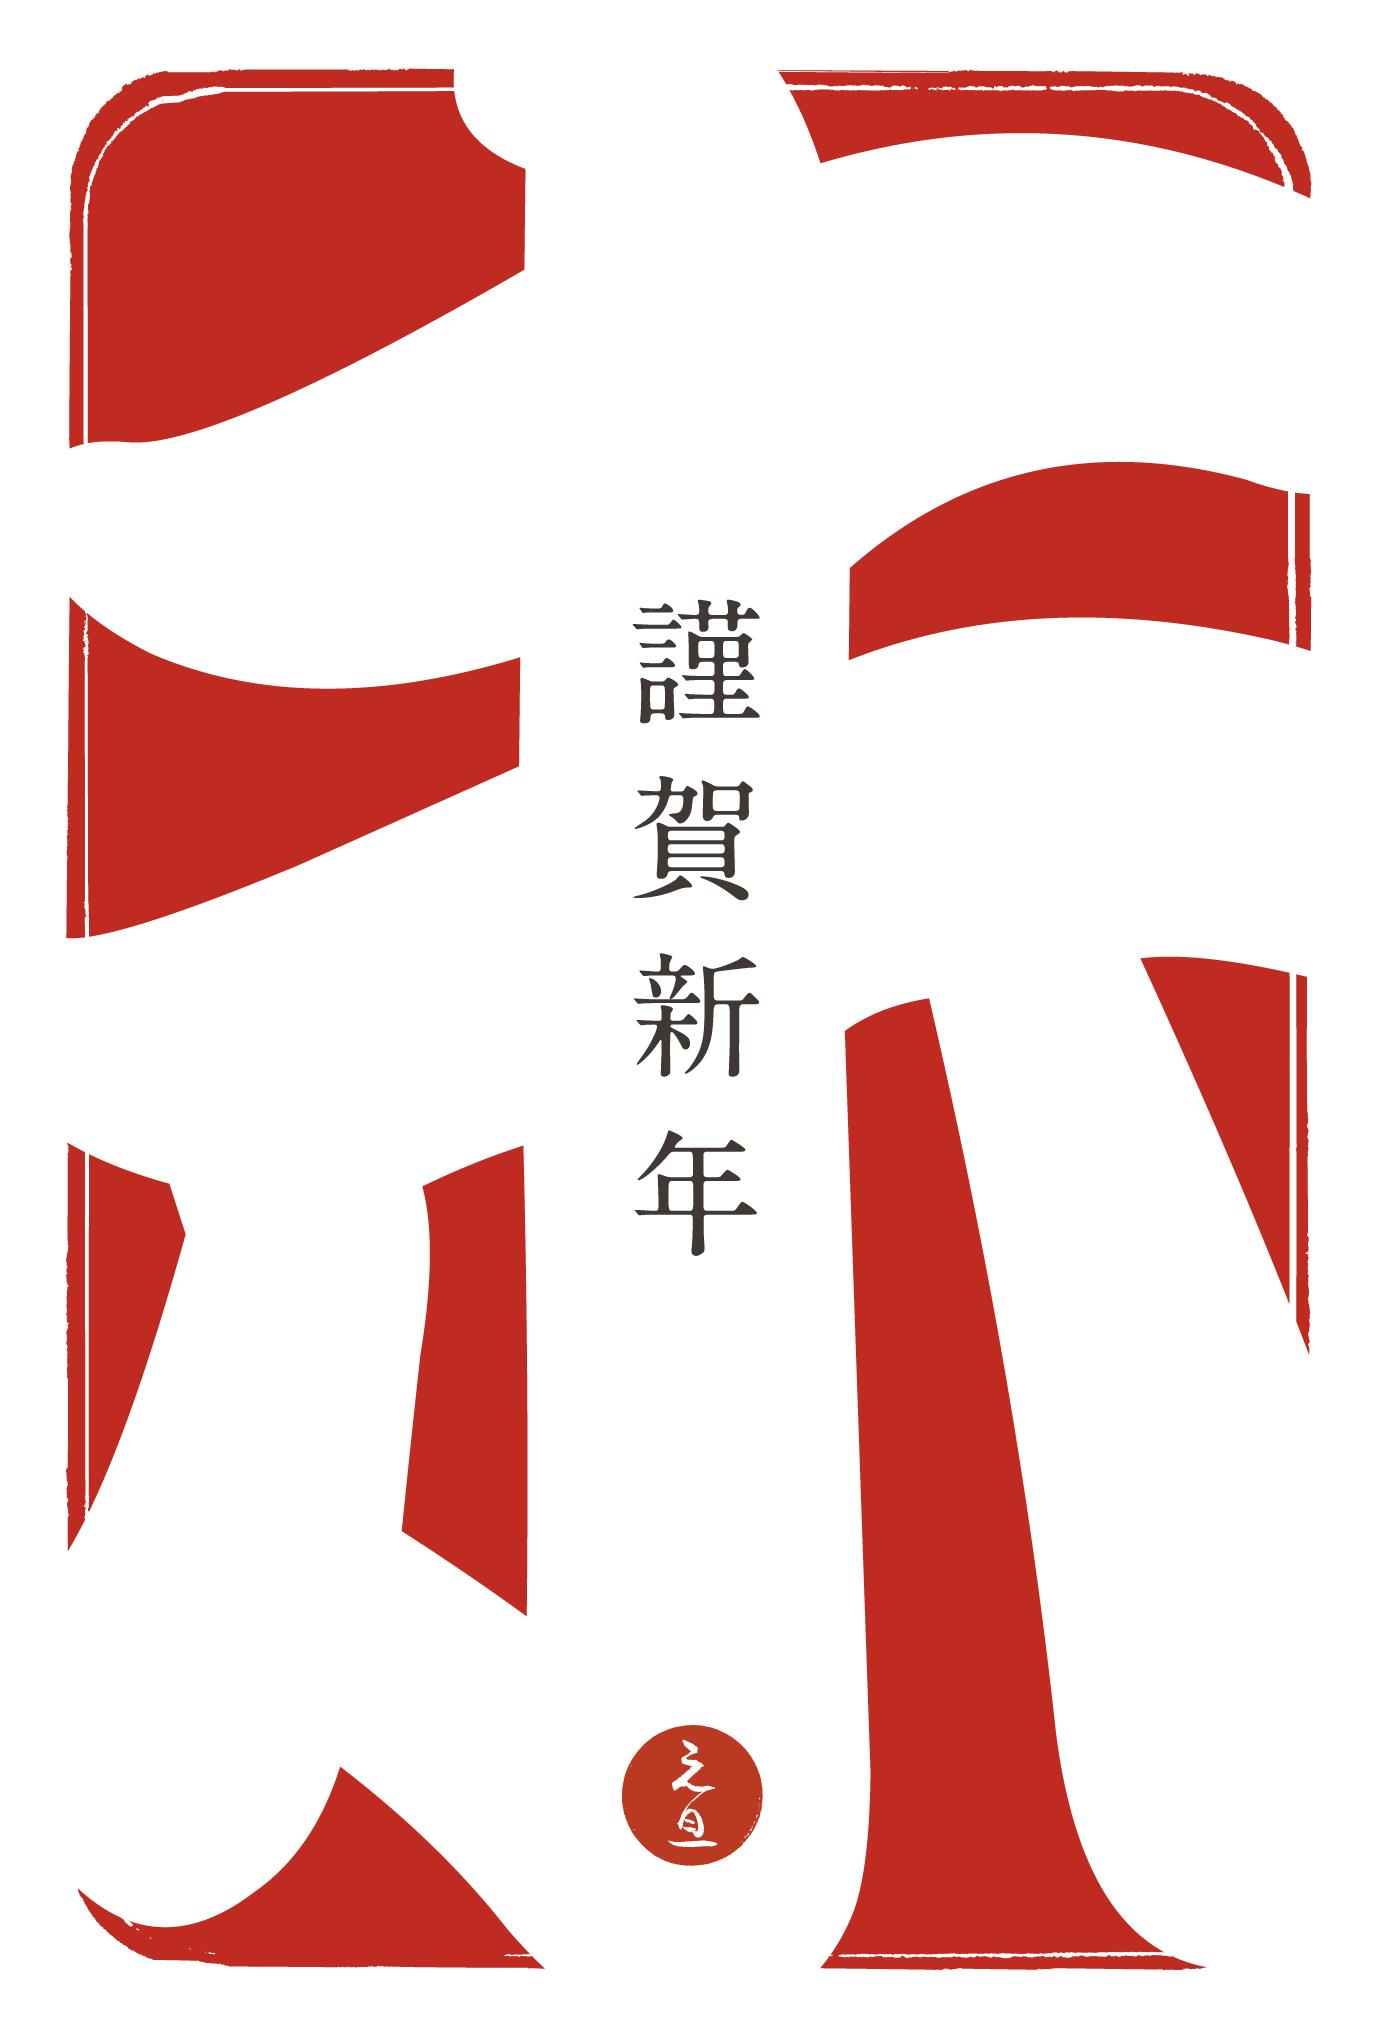 2015年賀状04-1:江戸勘亭流(羊)赤のダウンロード画像